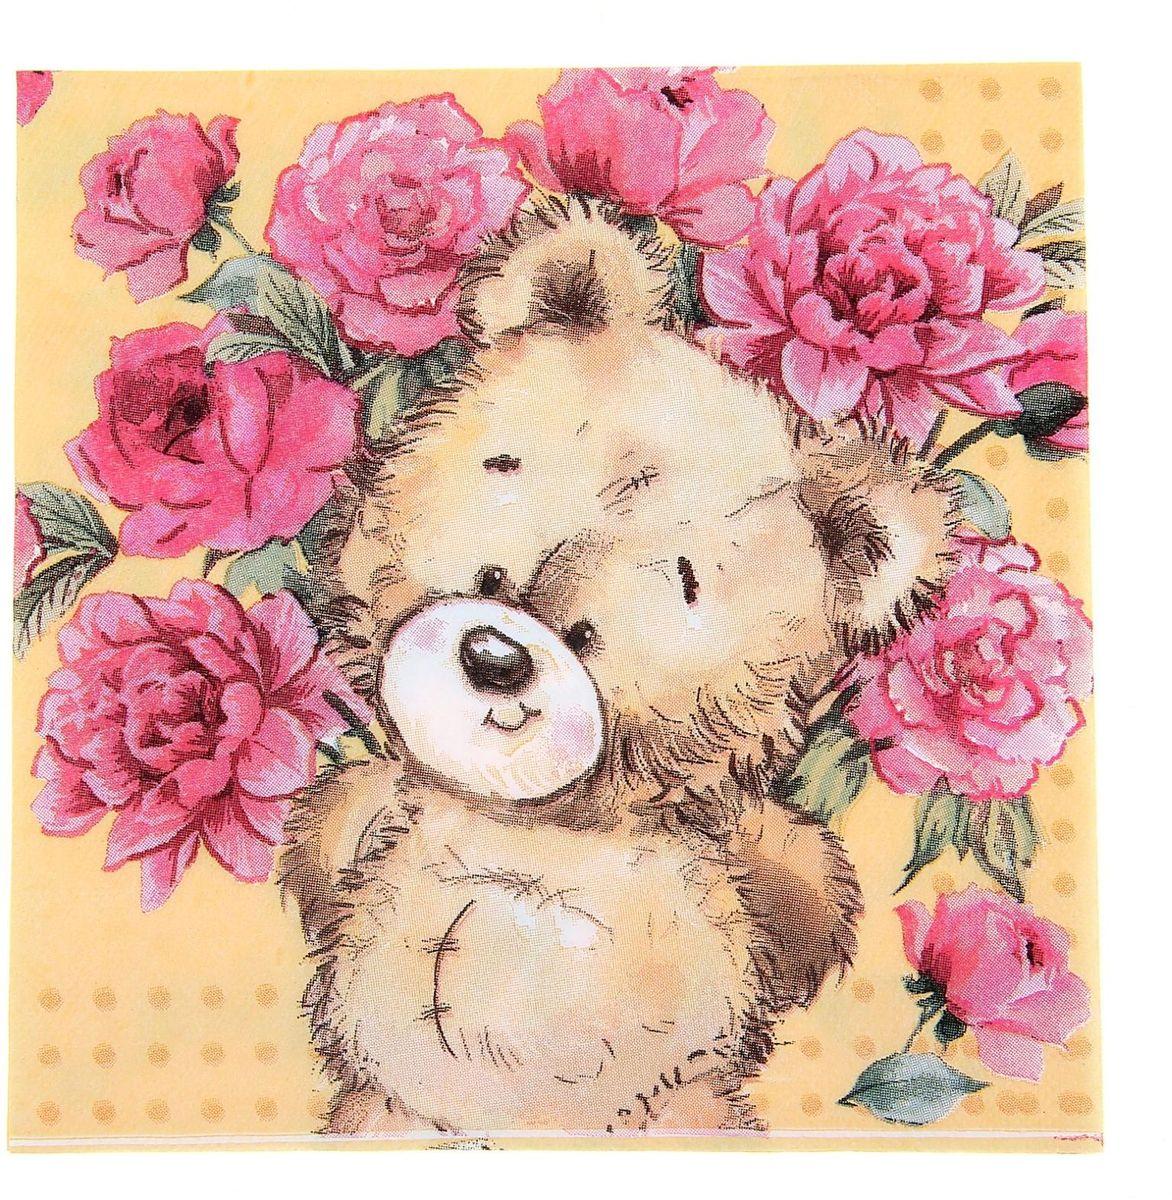 С днем рождения открытки мишка с цветами, равнодушия